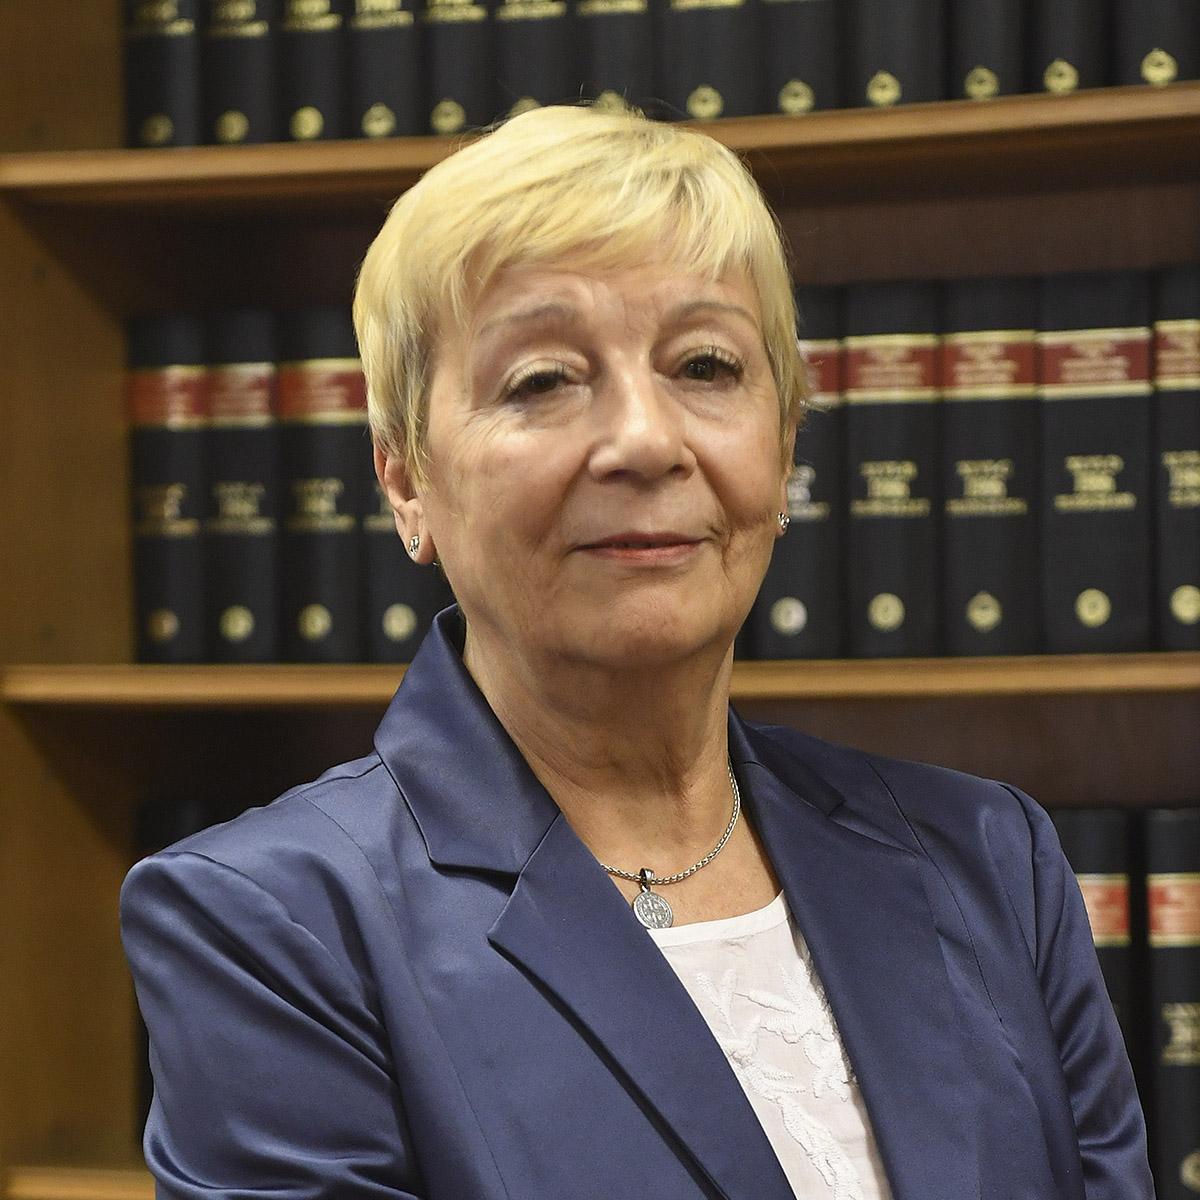 Cristina Ehbrecht